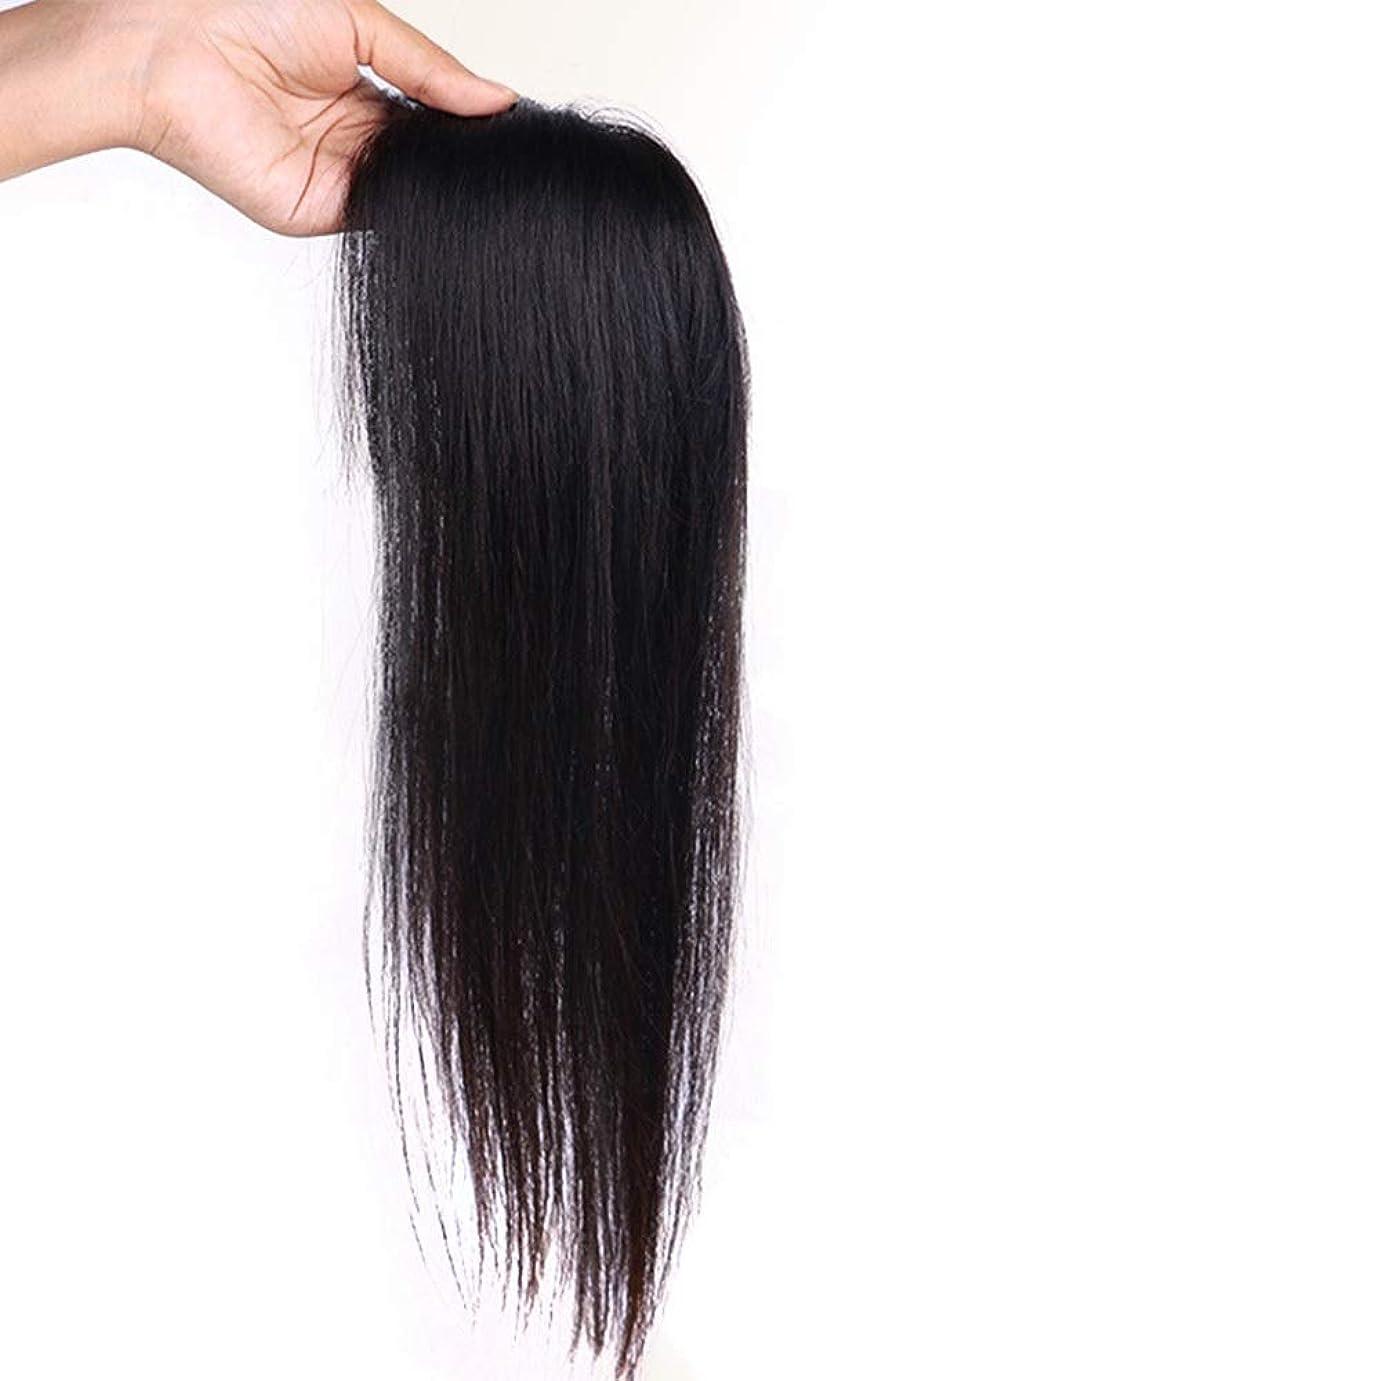 ミトンスクラブ胴体HOHYLLYA ヘアエクステンションで女性のリアルヘアクリップふわふわかつらロングストレートヘアデイリーパーティーウィッグ (色 : [7x10] 25cm dark brown)